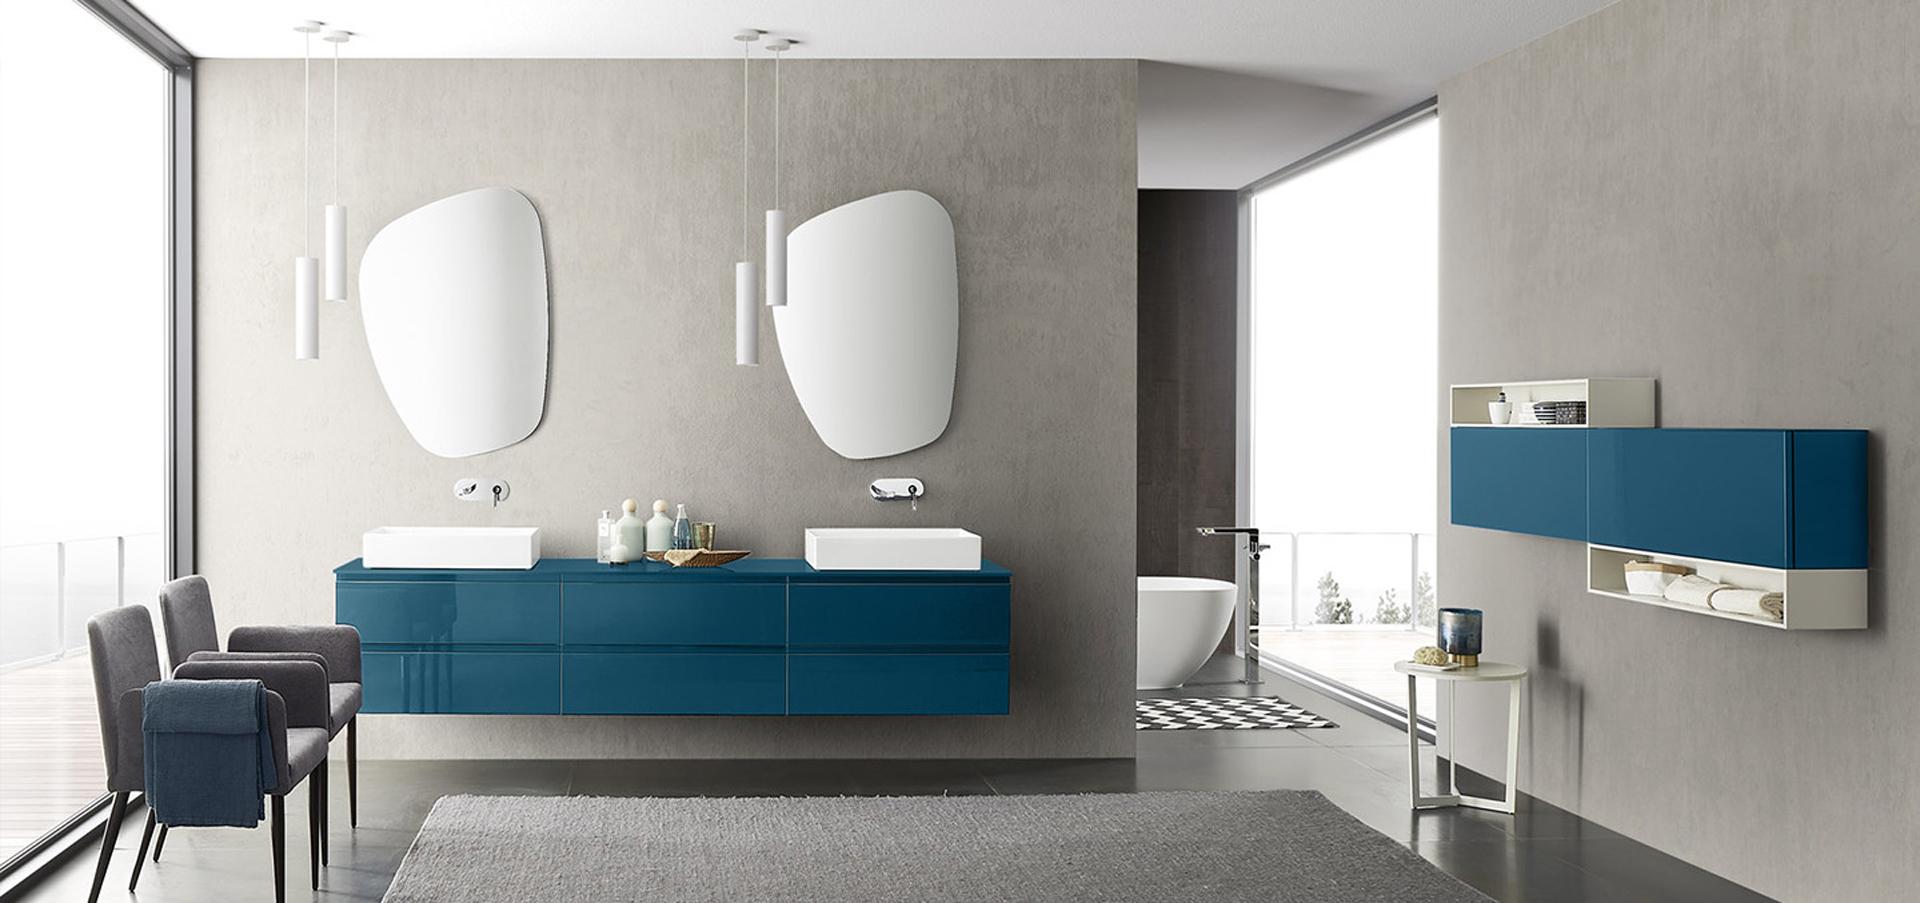 Arredamento Bagni Moderni - Colore Marrone Chiaro e Blu!